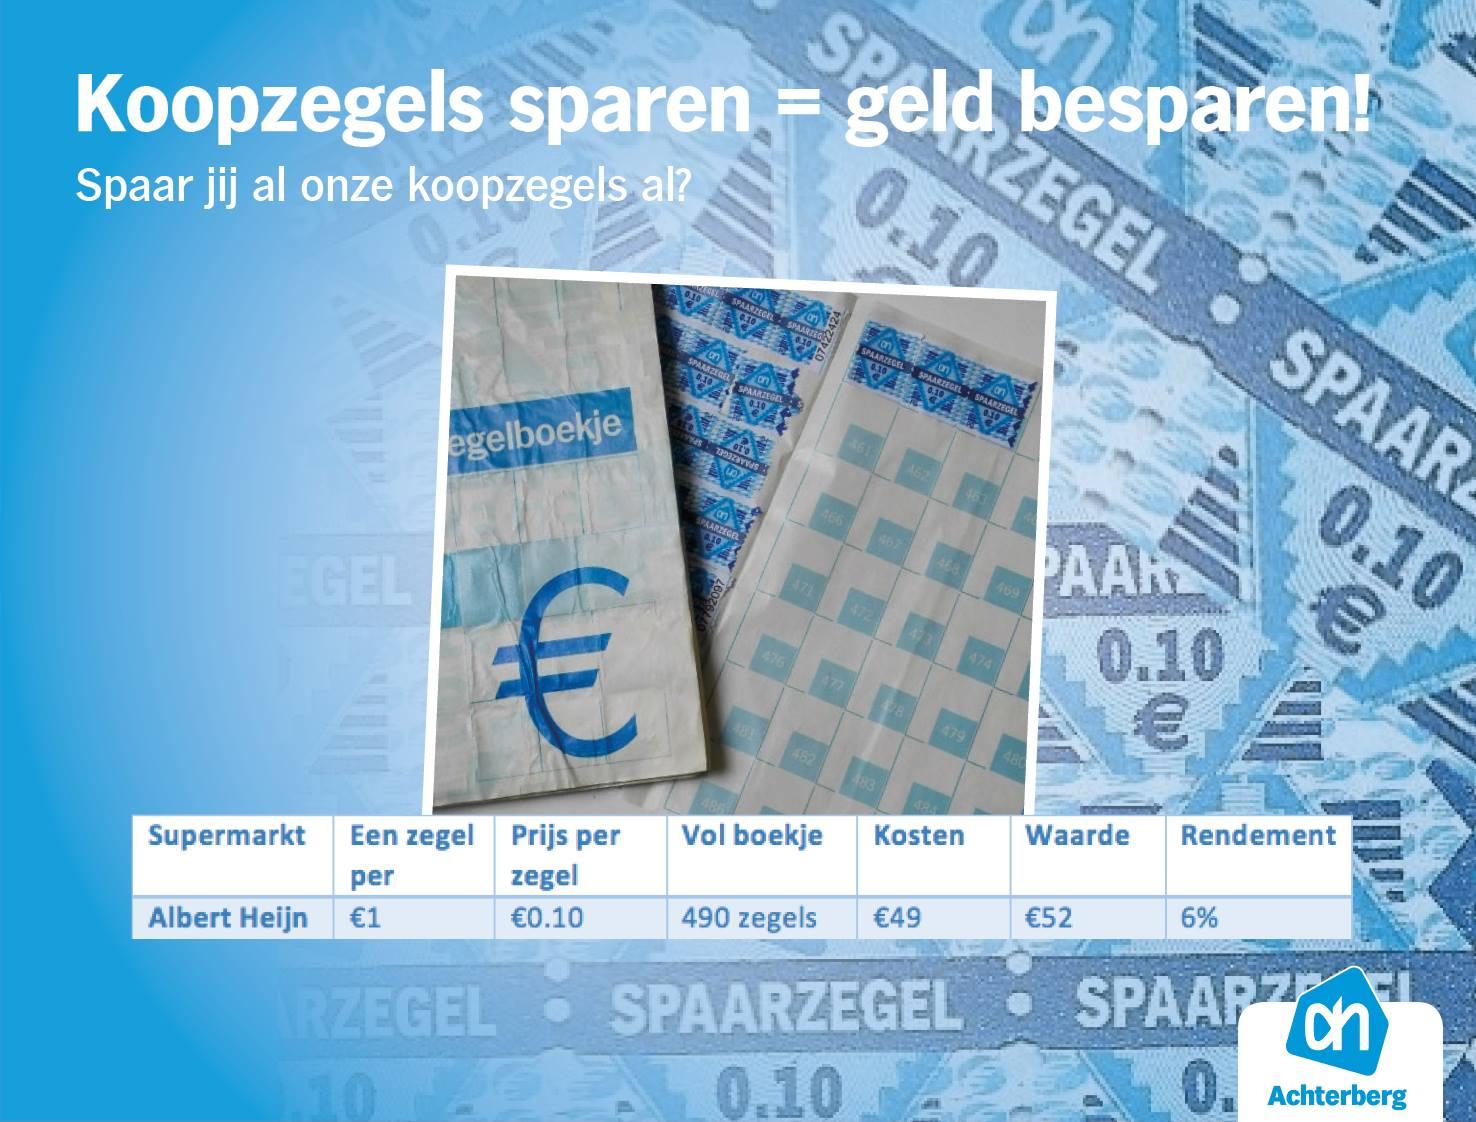 Koopzegels sparen = geld besparen!